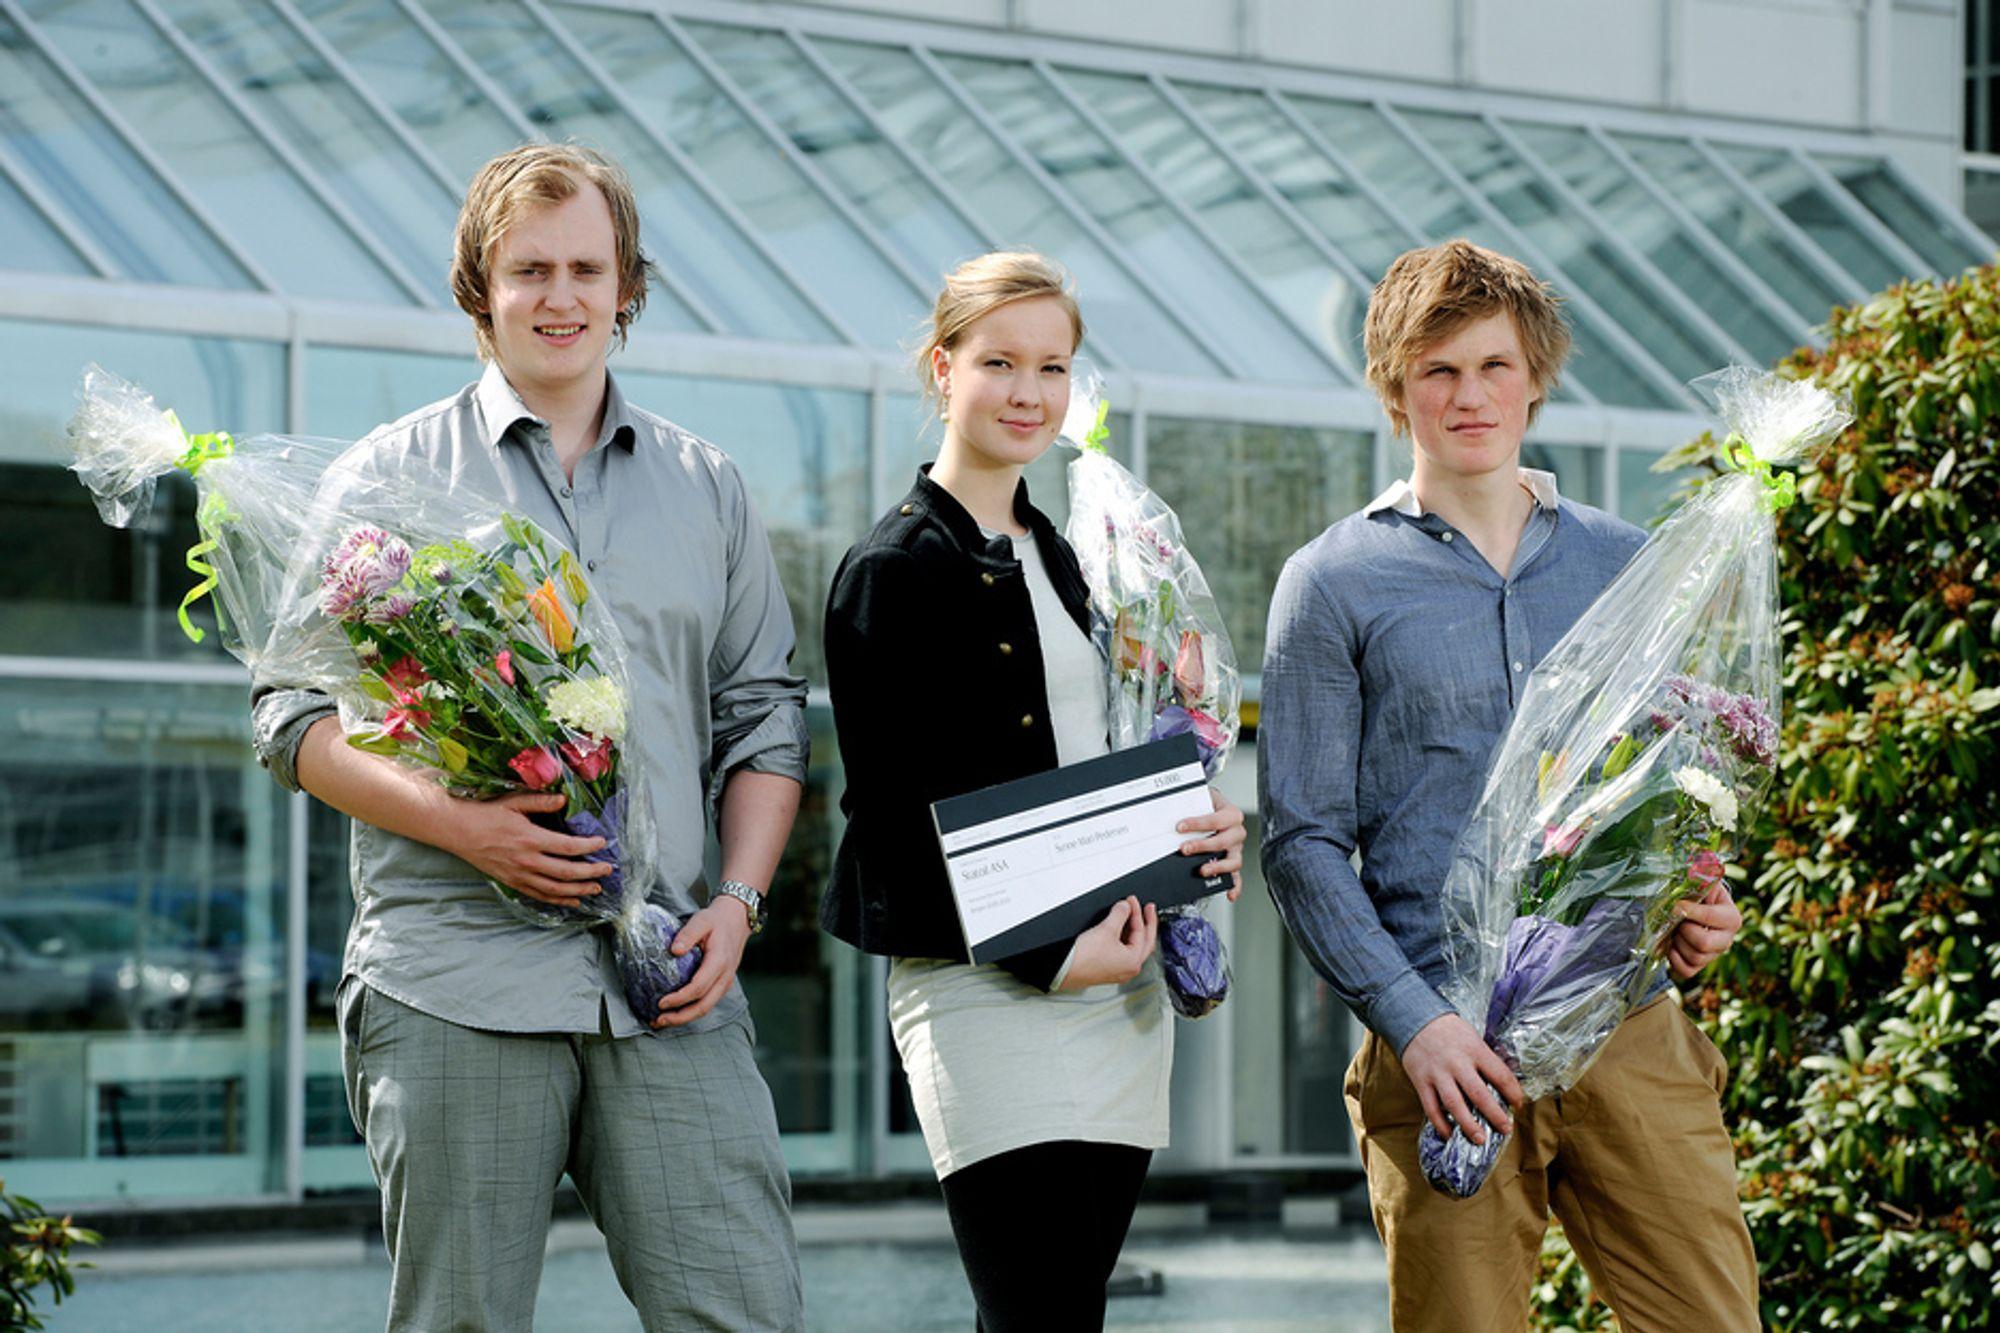 REALFAGSVINNERE: Nasjonale vinnere ble Severin Bøyesen Sjømark, Synne Mari Pedersen og Harald Gard Halvorssønn Kjørholt.